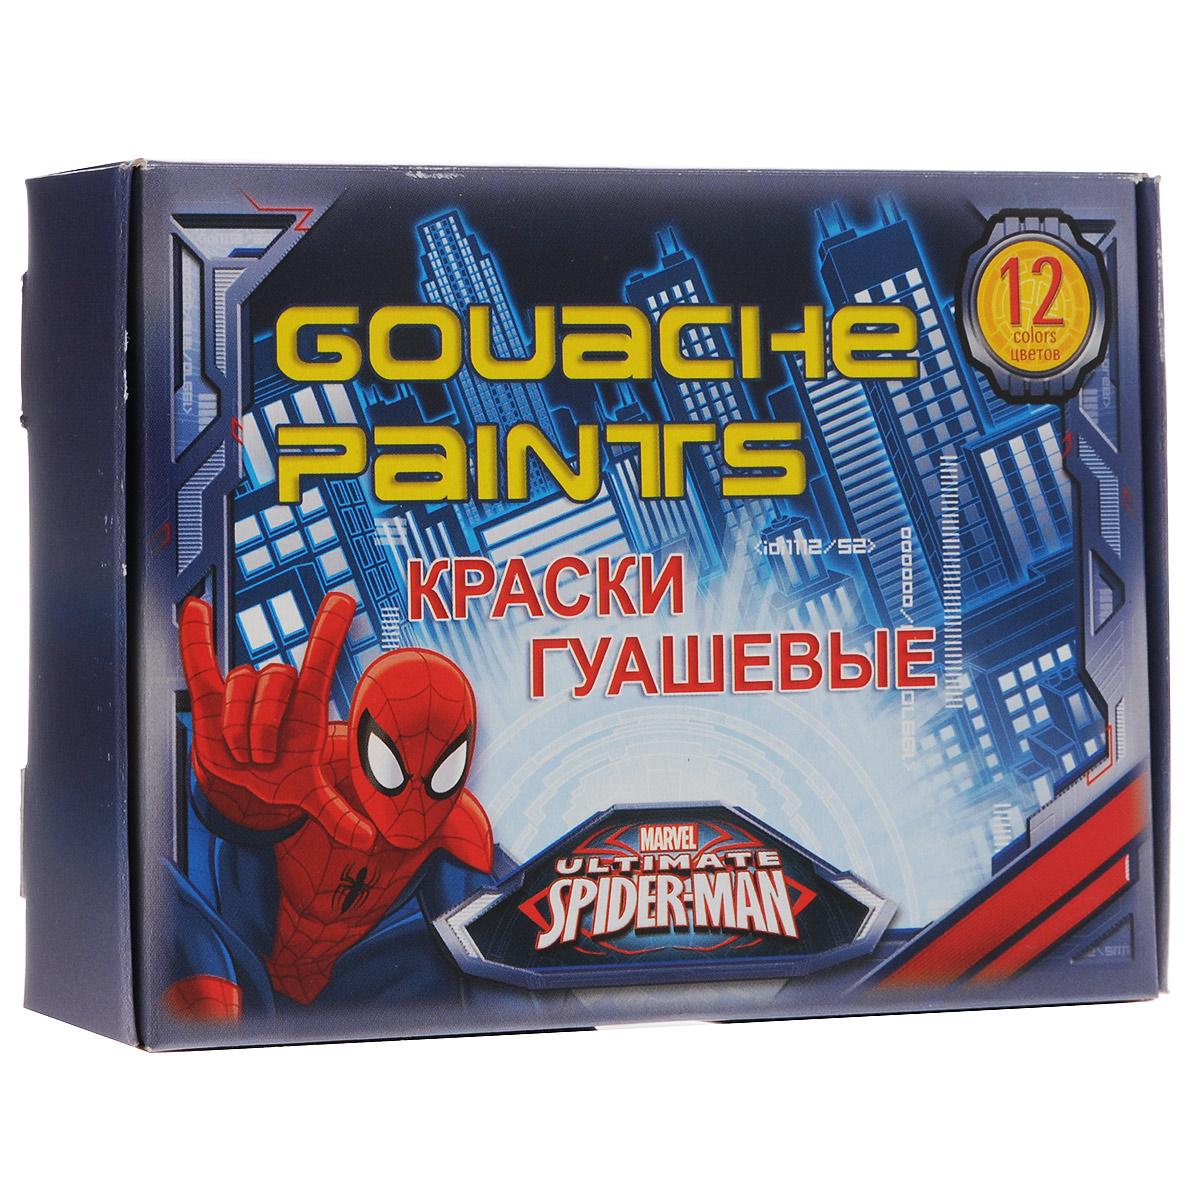 Краски гуашевые Spider-man Classic, 12 цветов lego classic конструктор дополнение к набору для творчества яркие цвета 10693